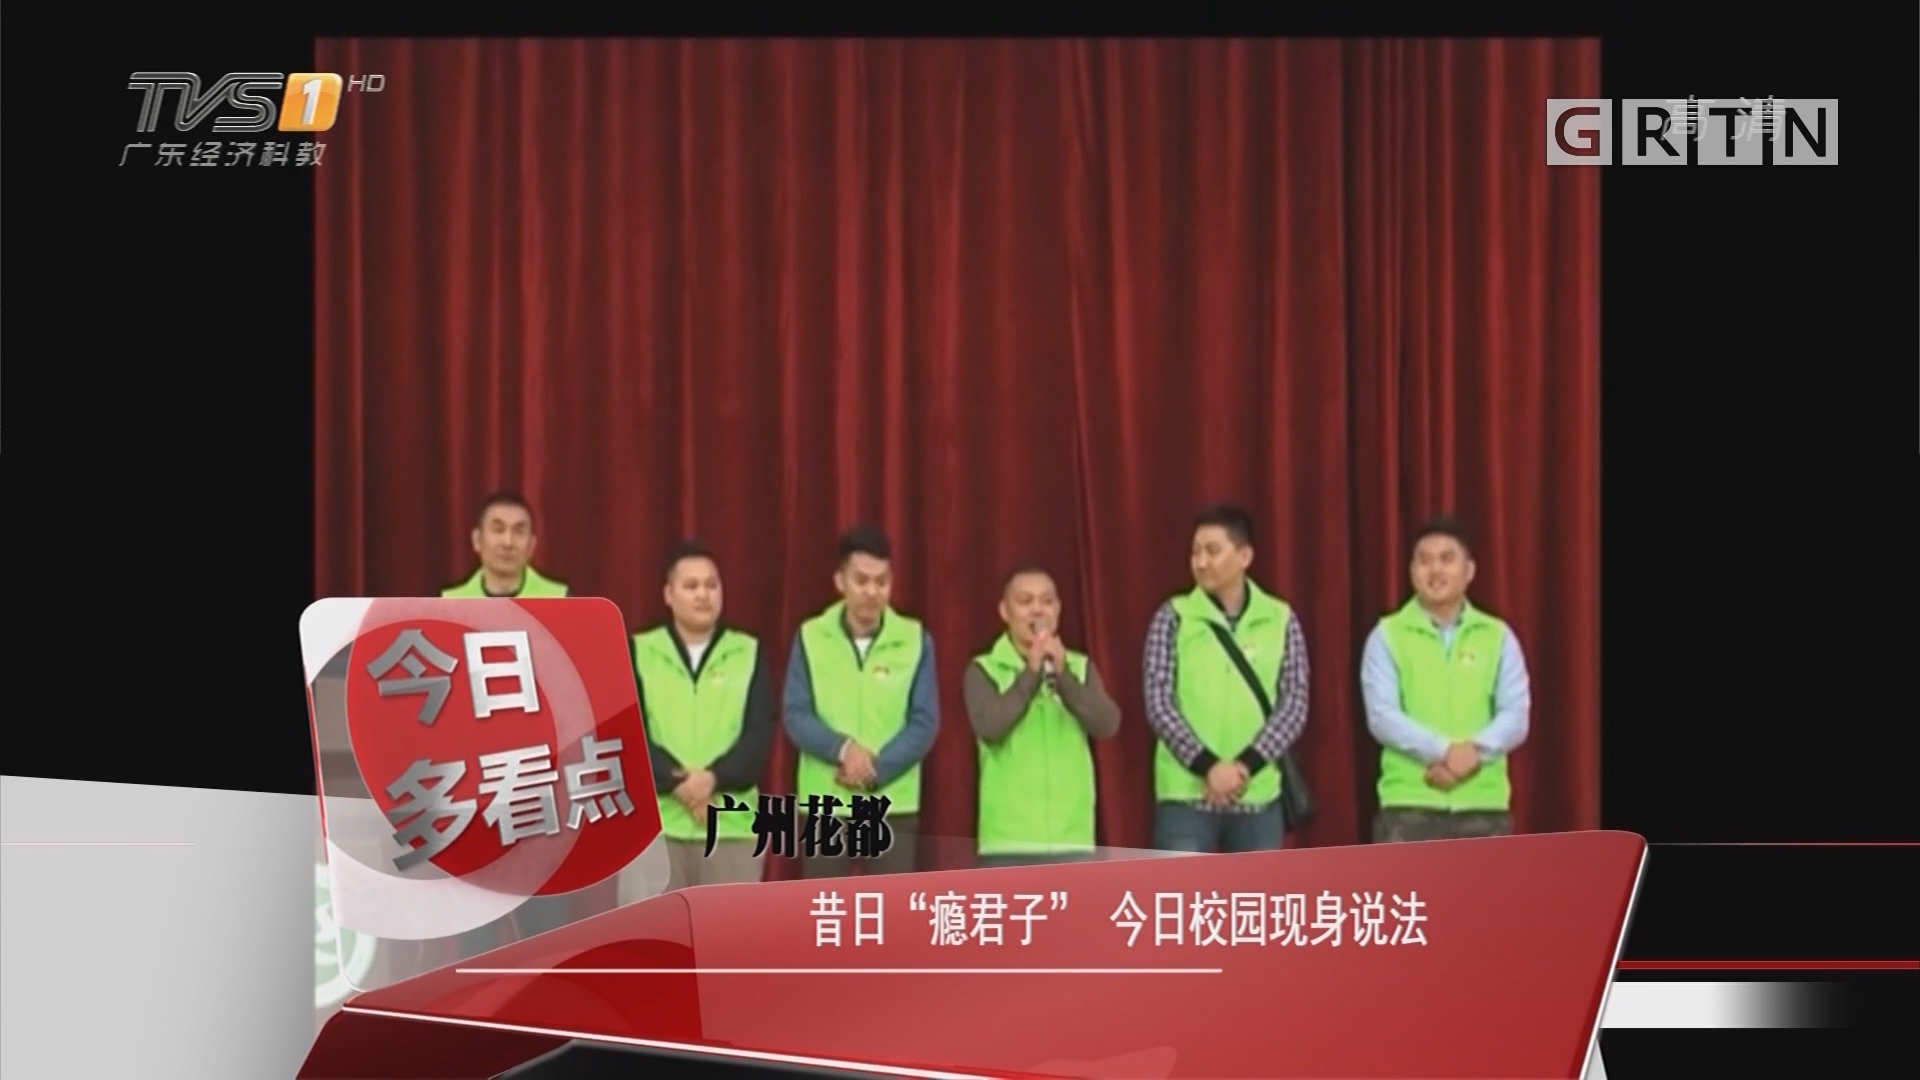 """广州花都:昔日""""瘾君子"""" 今日校园现身说法"""